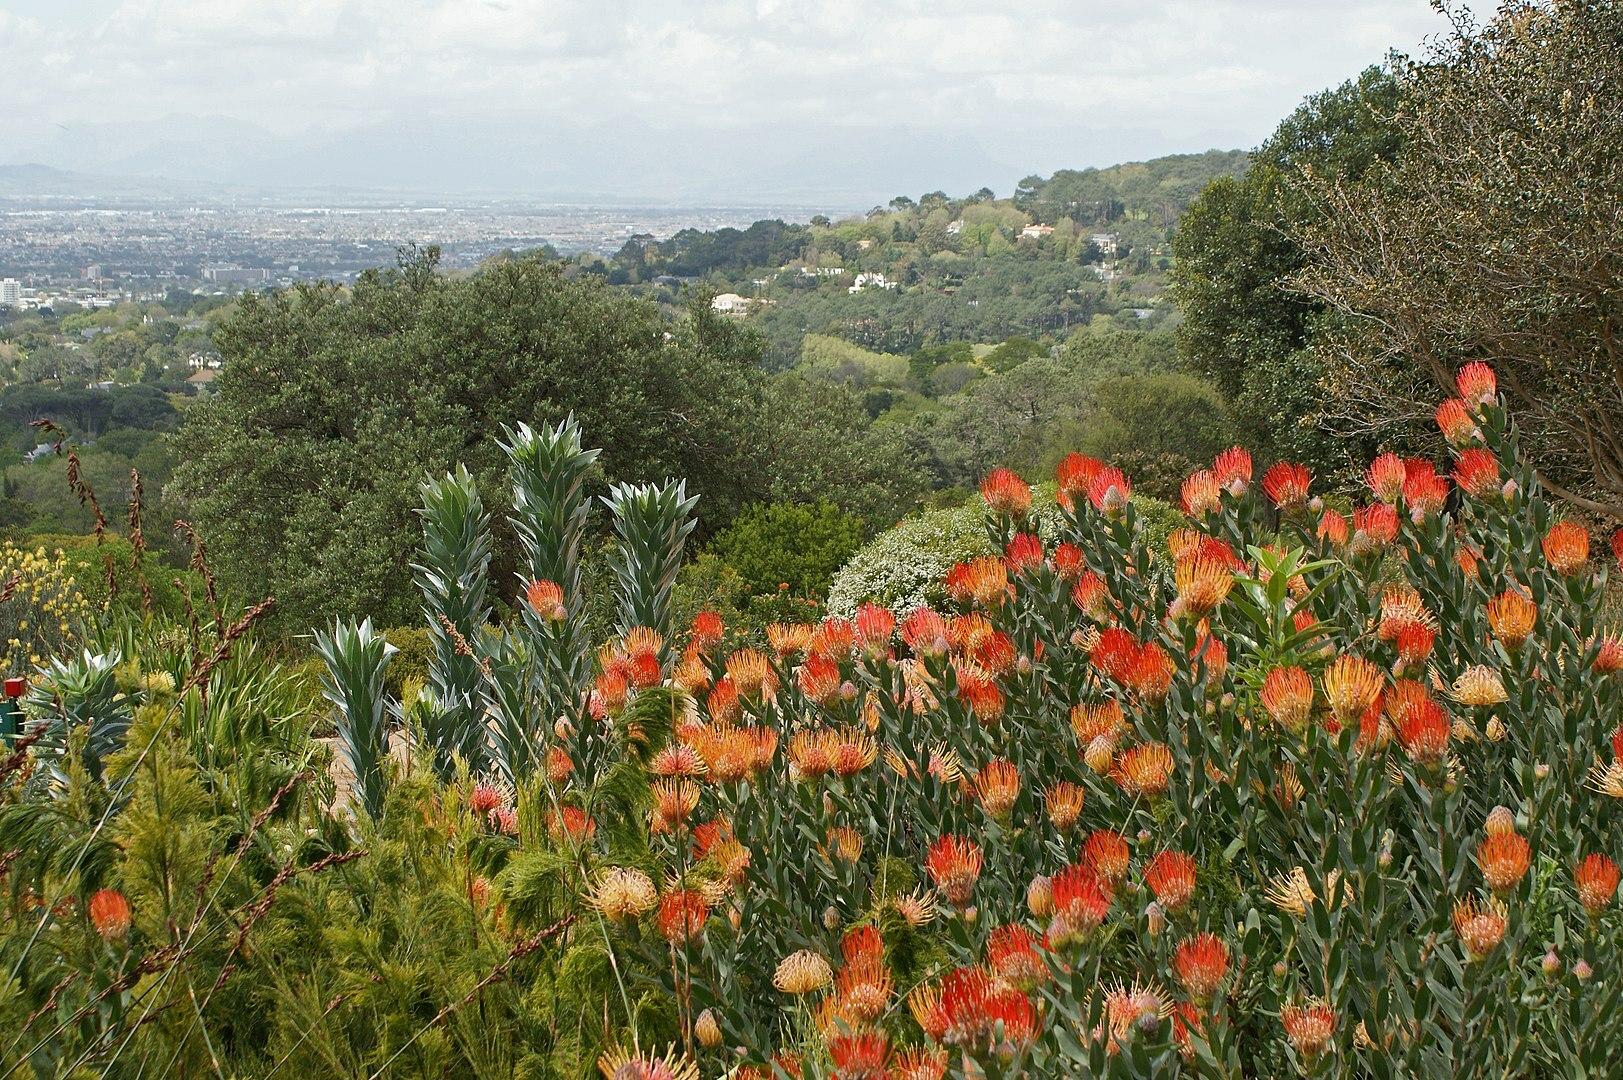 Floraregio van de Kaap